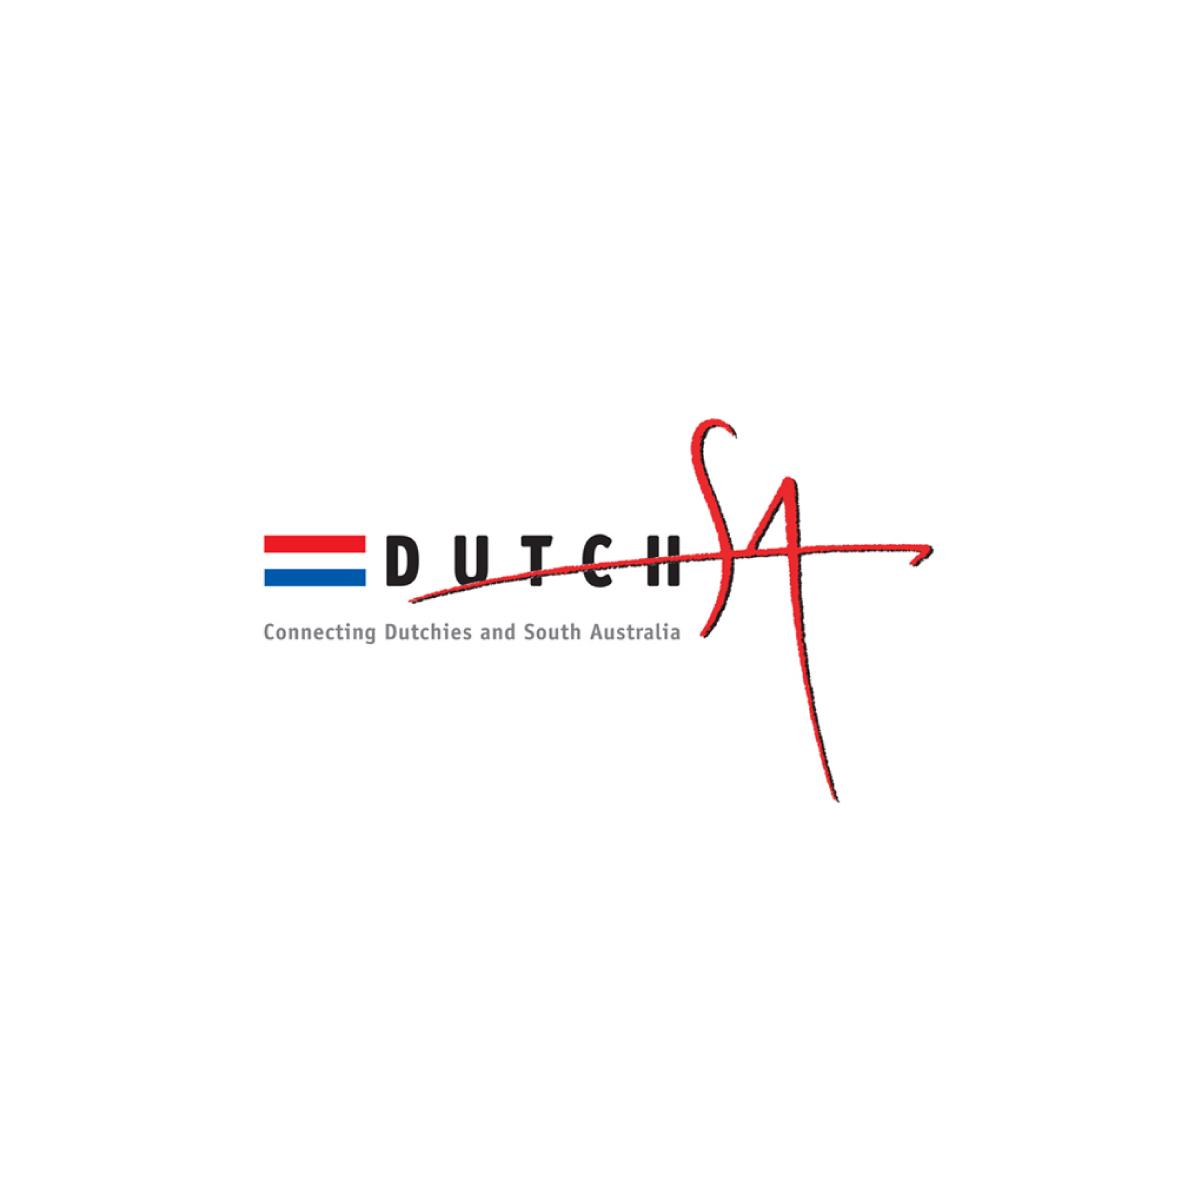 DutchSA